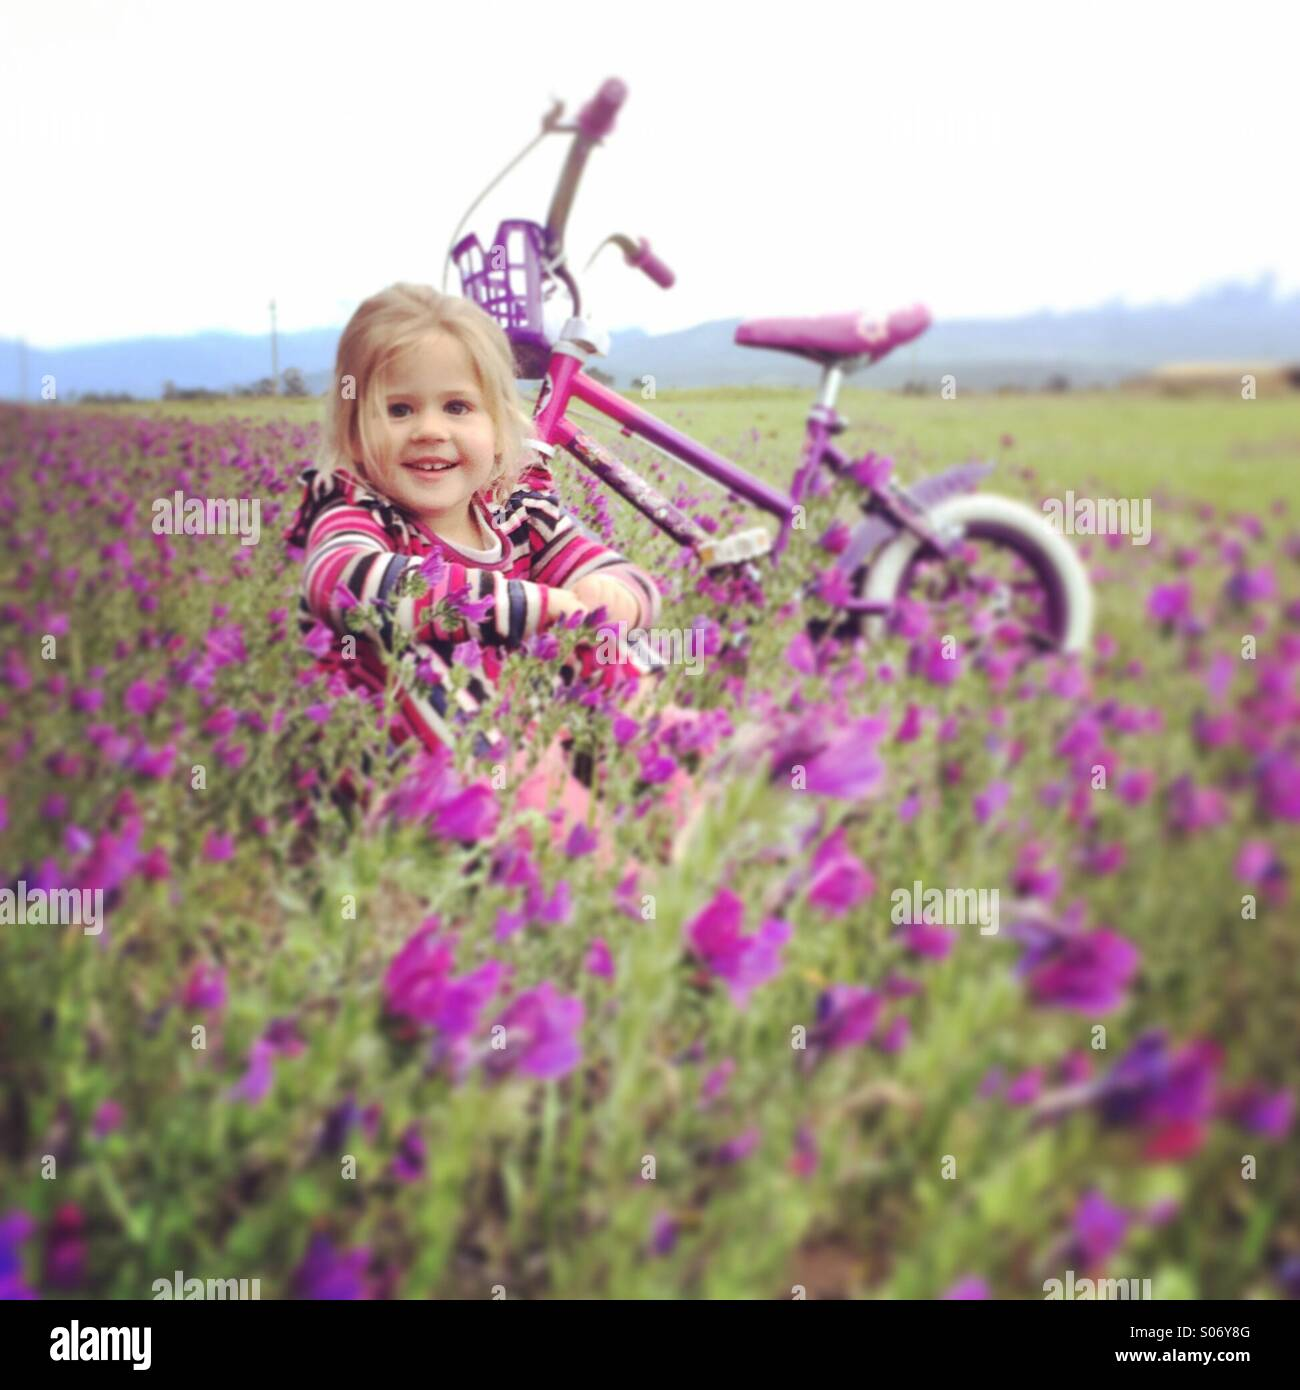 Joven en campo florido Imagen De Stock